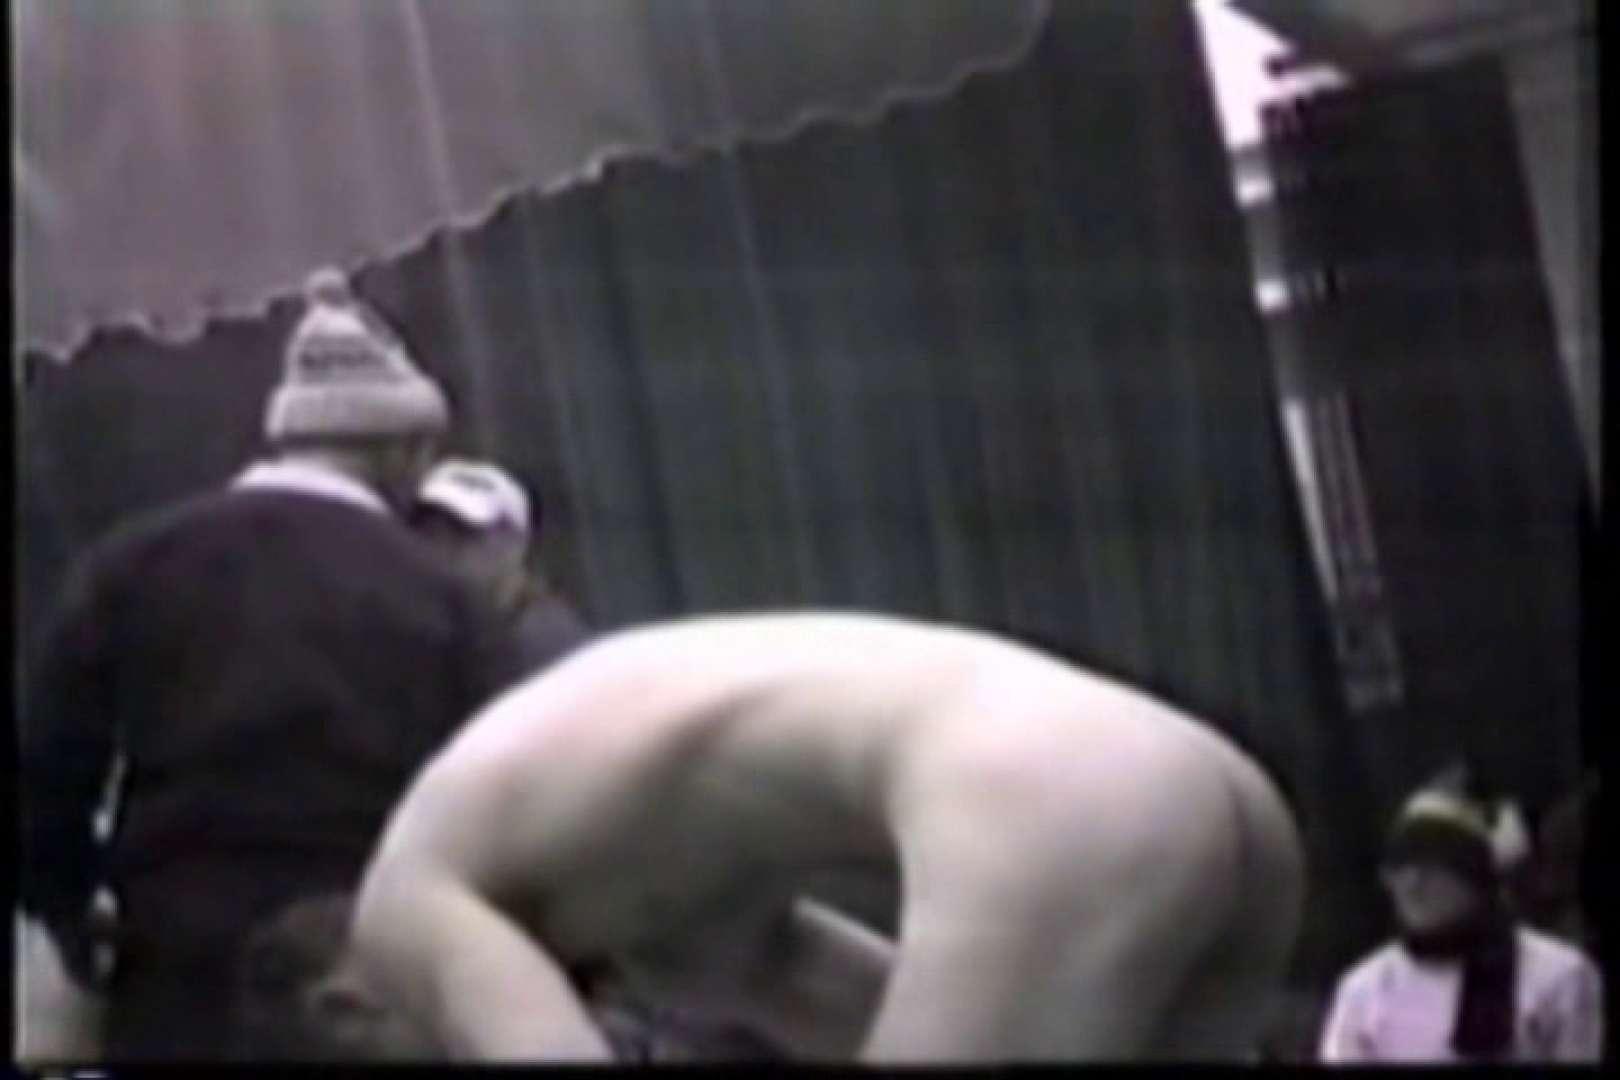 洋人さんの脱衣所を覗いてみました。VOL.6 覗きシーン   男・男・男  102枚 1